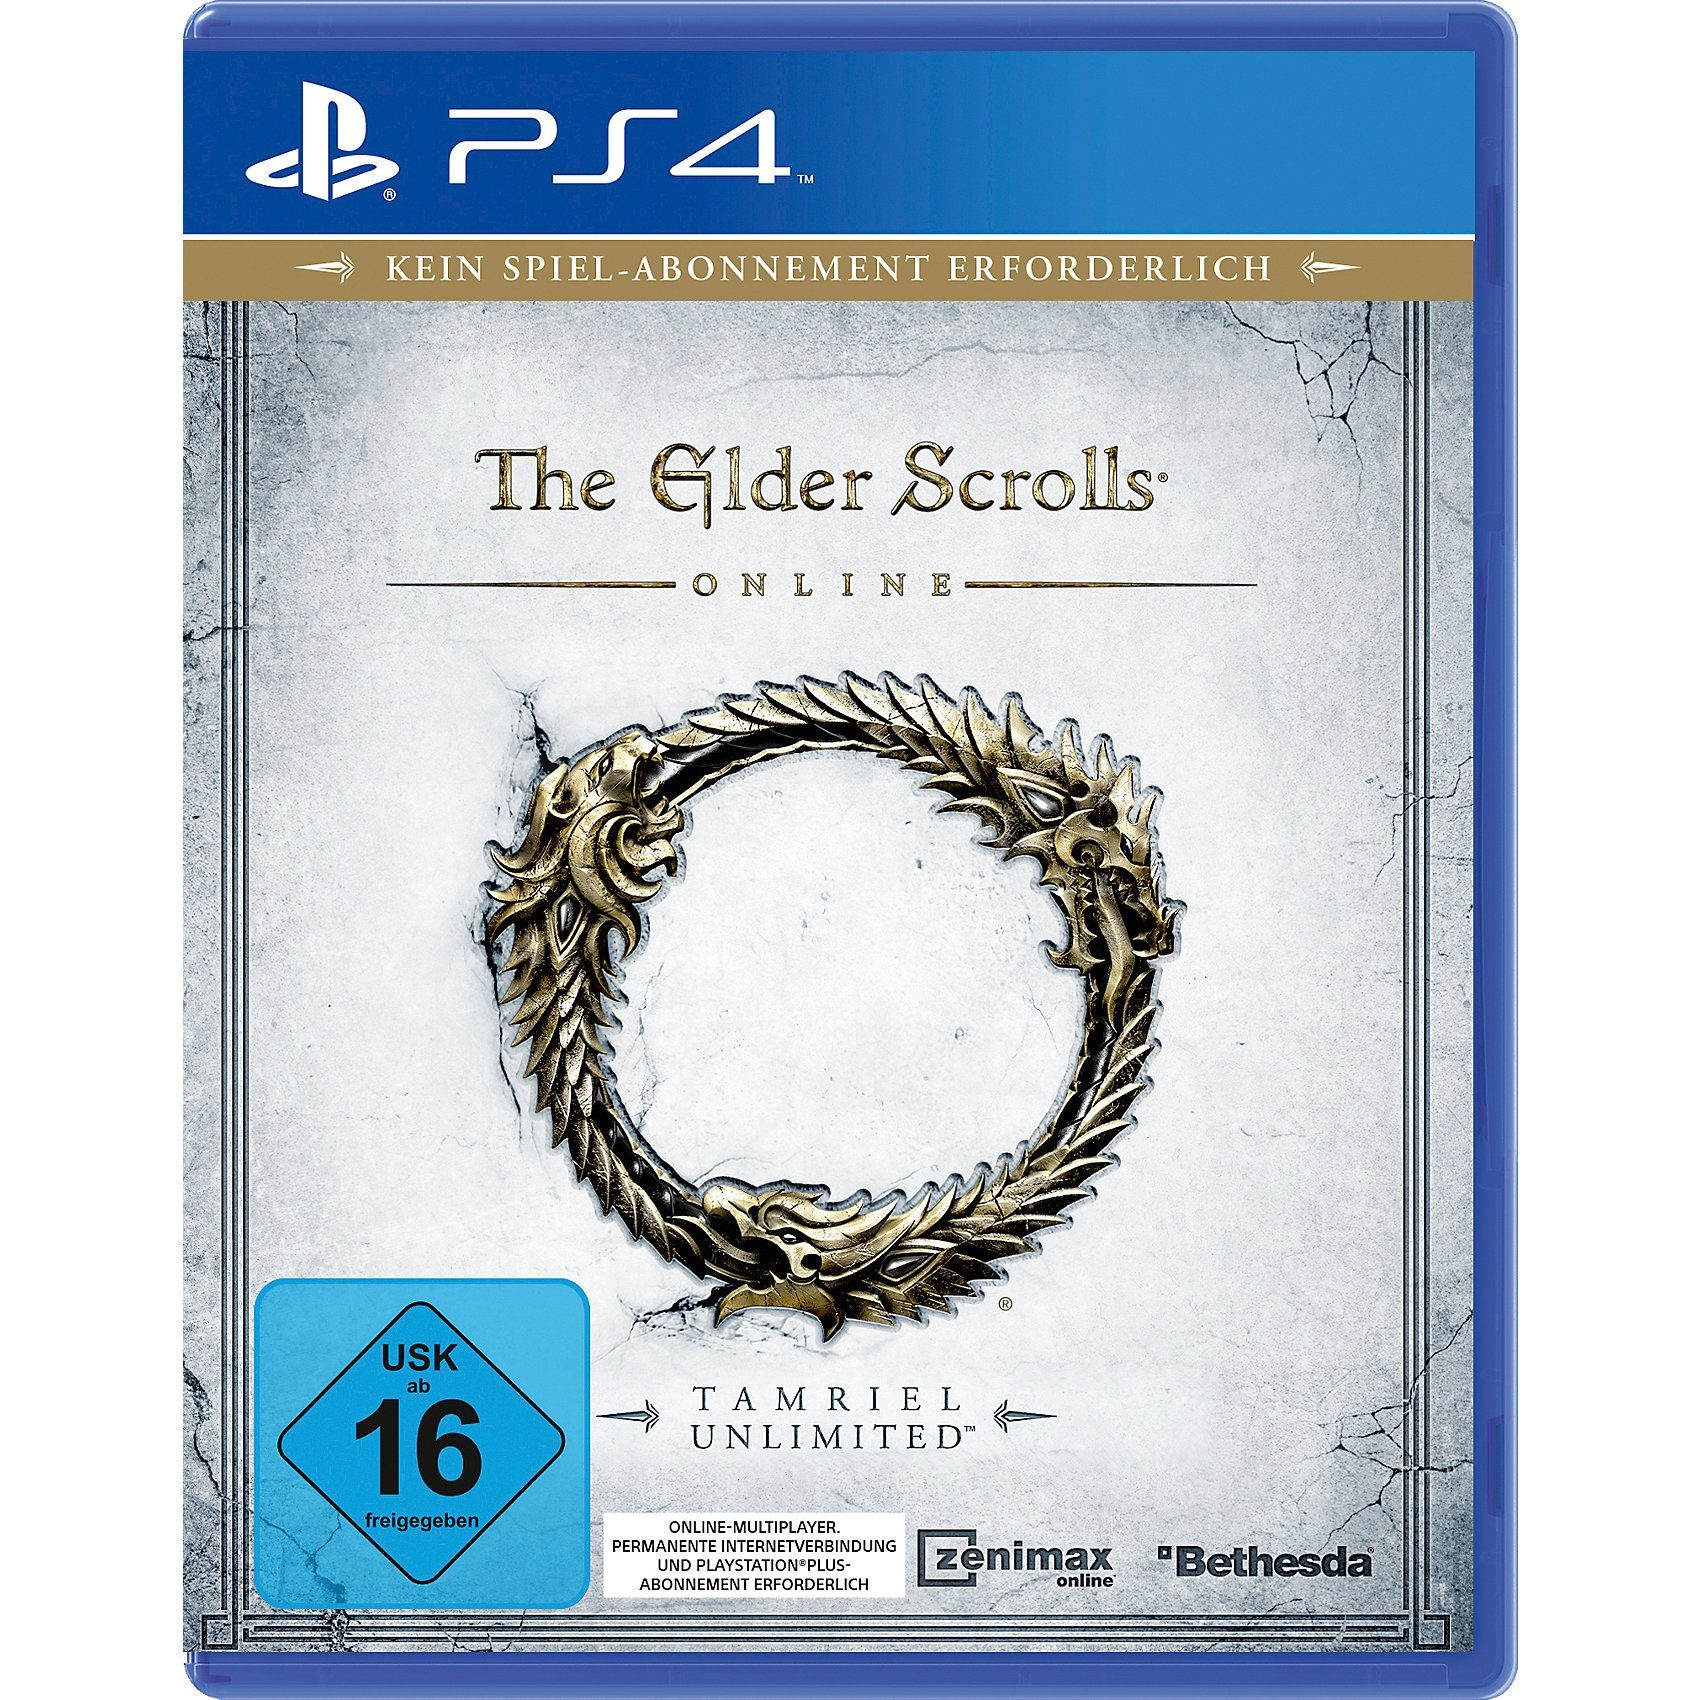 ak tronic PS4 The Elder Scrolls Online: Tamriel Unlimited